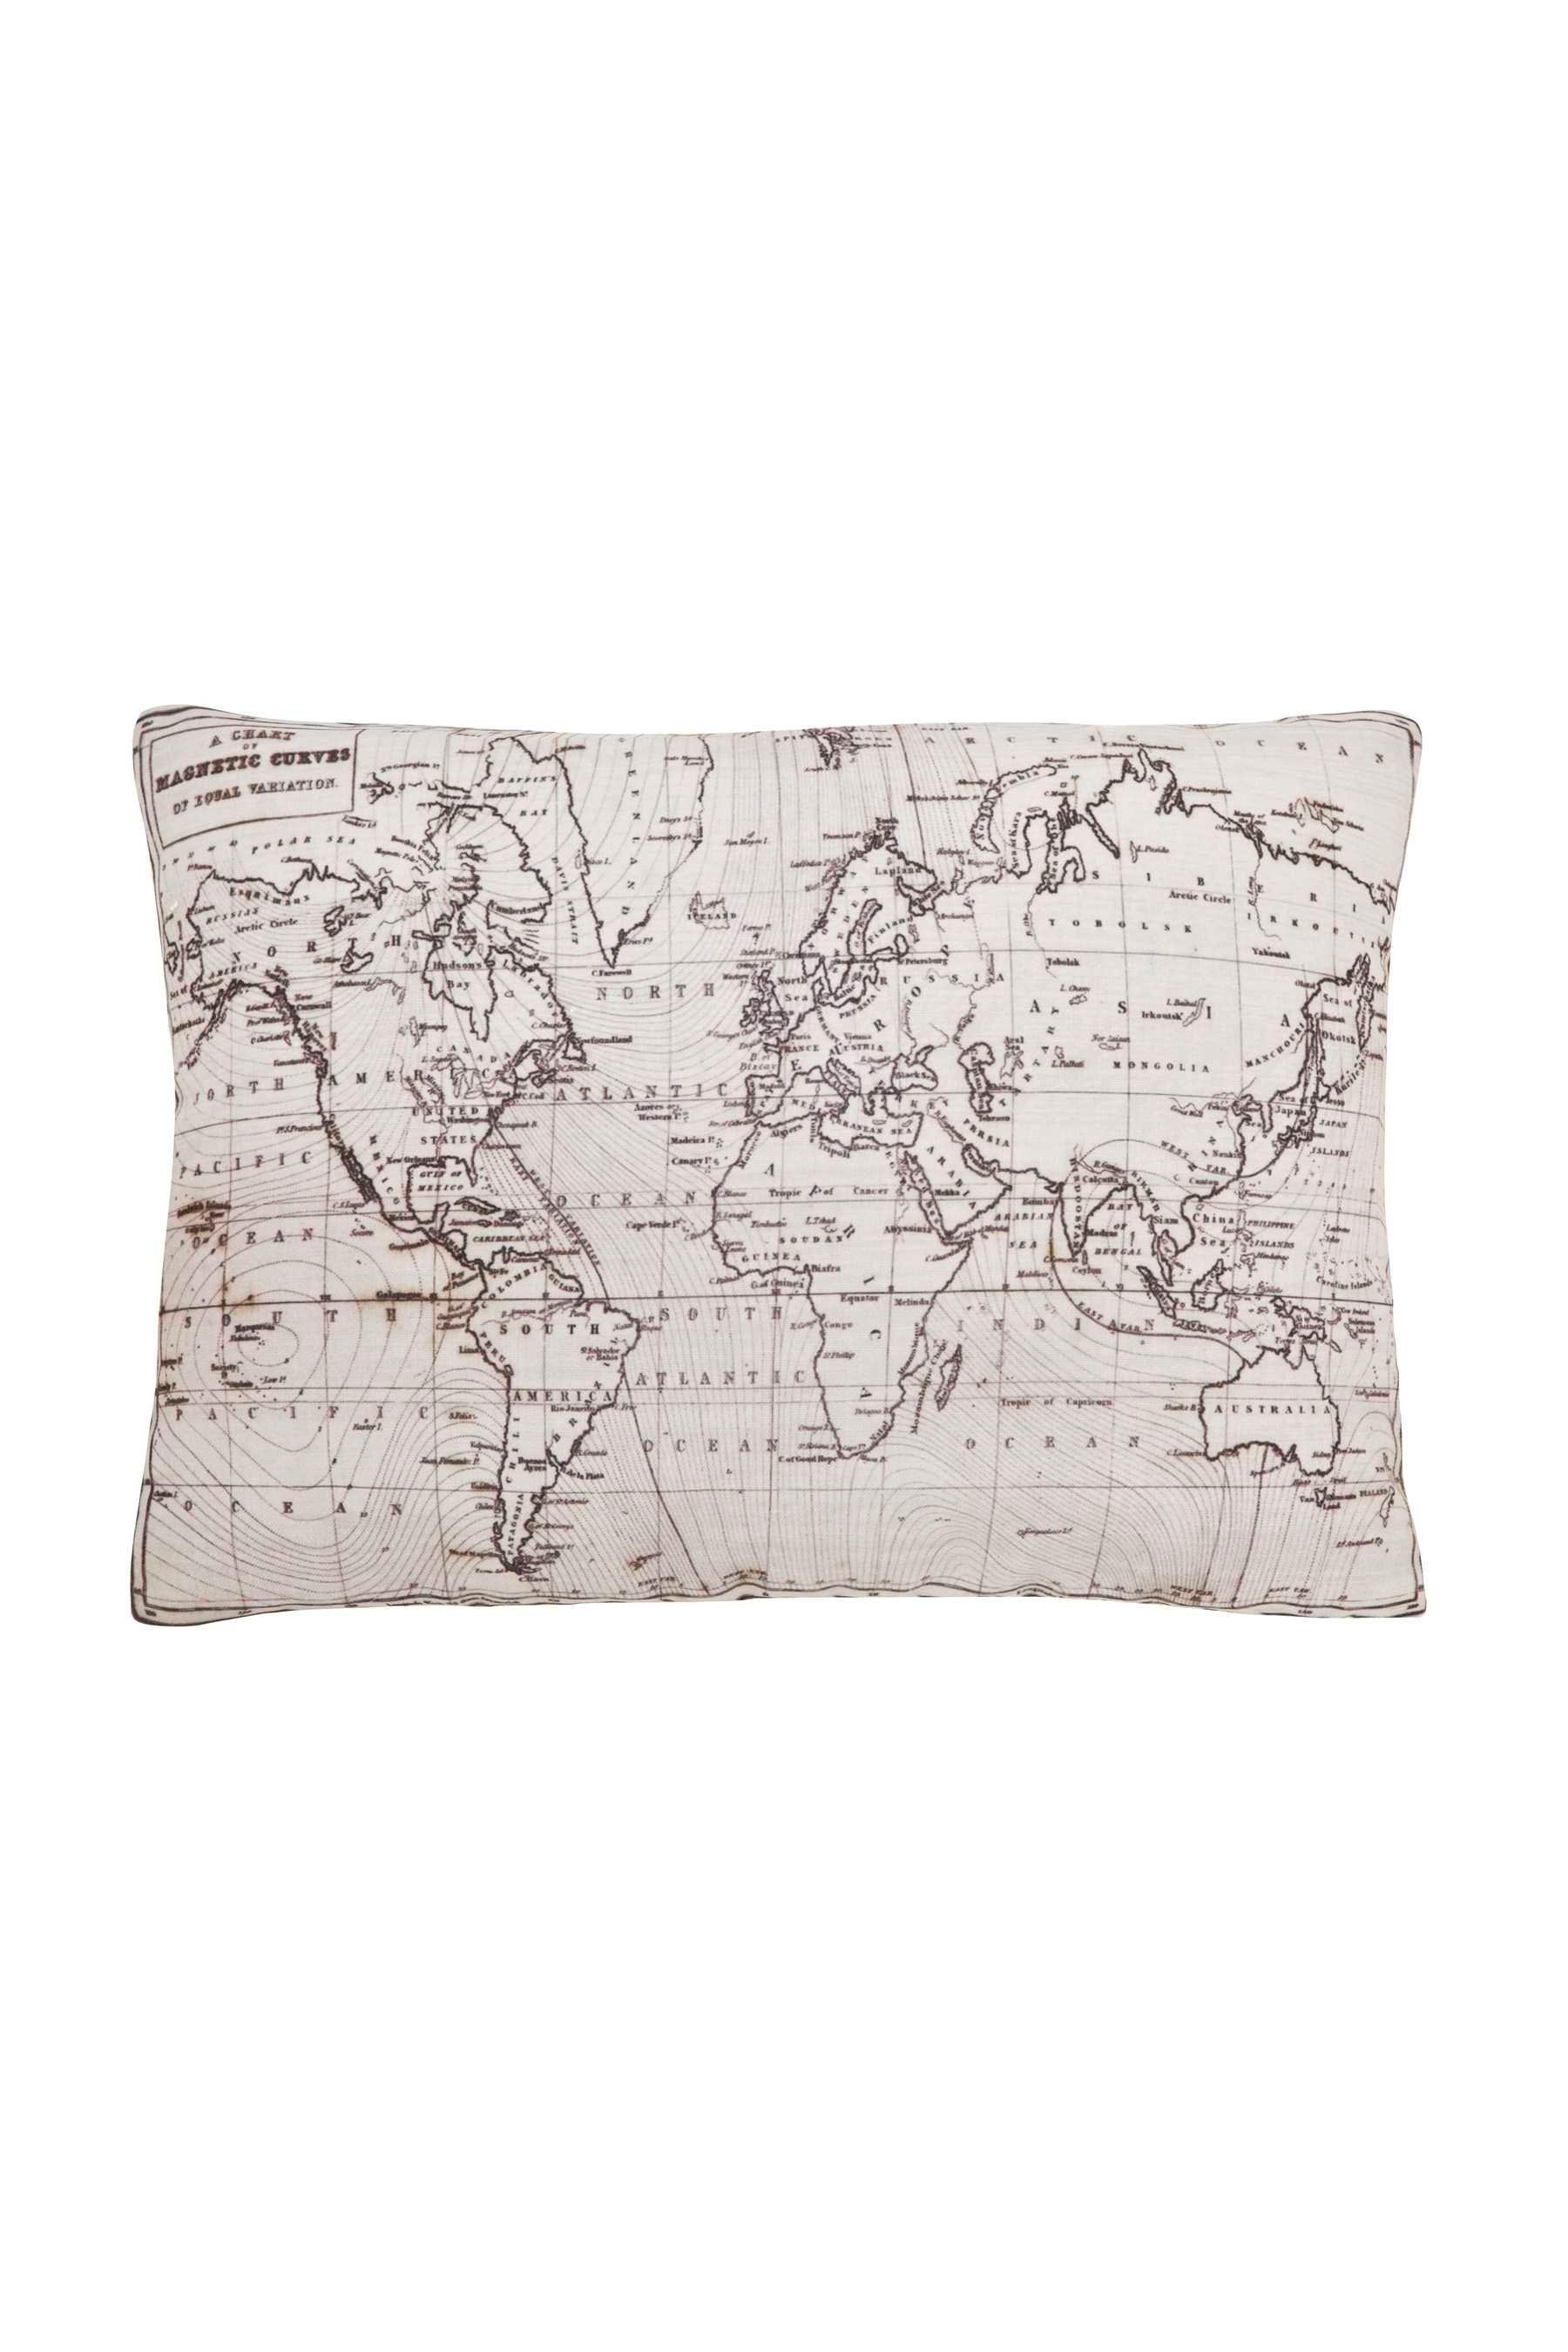 Map Cushion From Next Cushions Pinterest Hogar # Muebles Cuquins